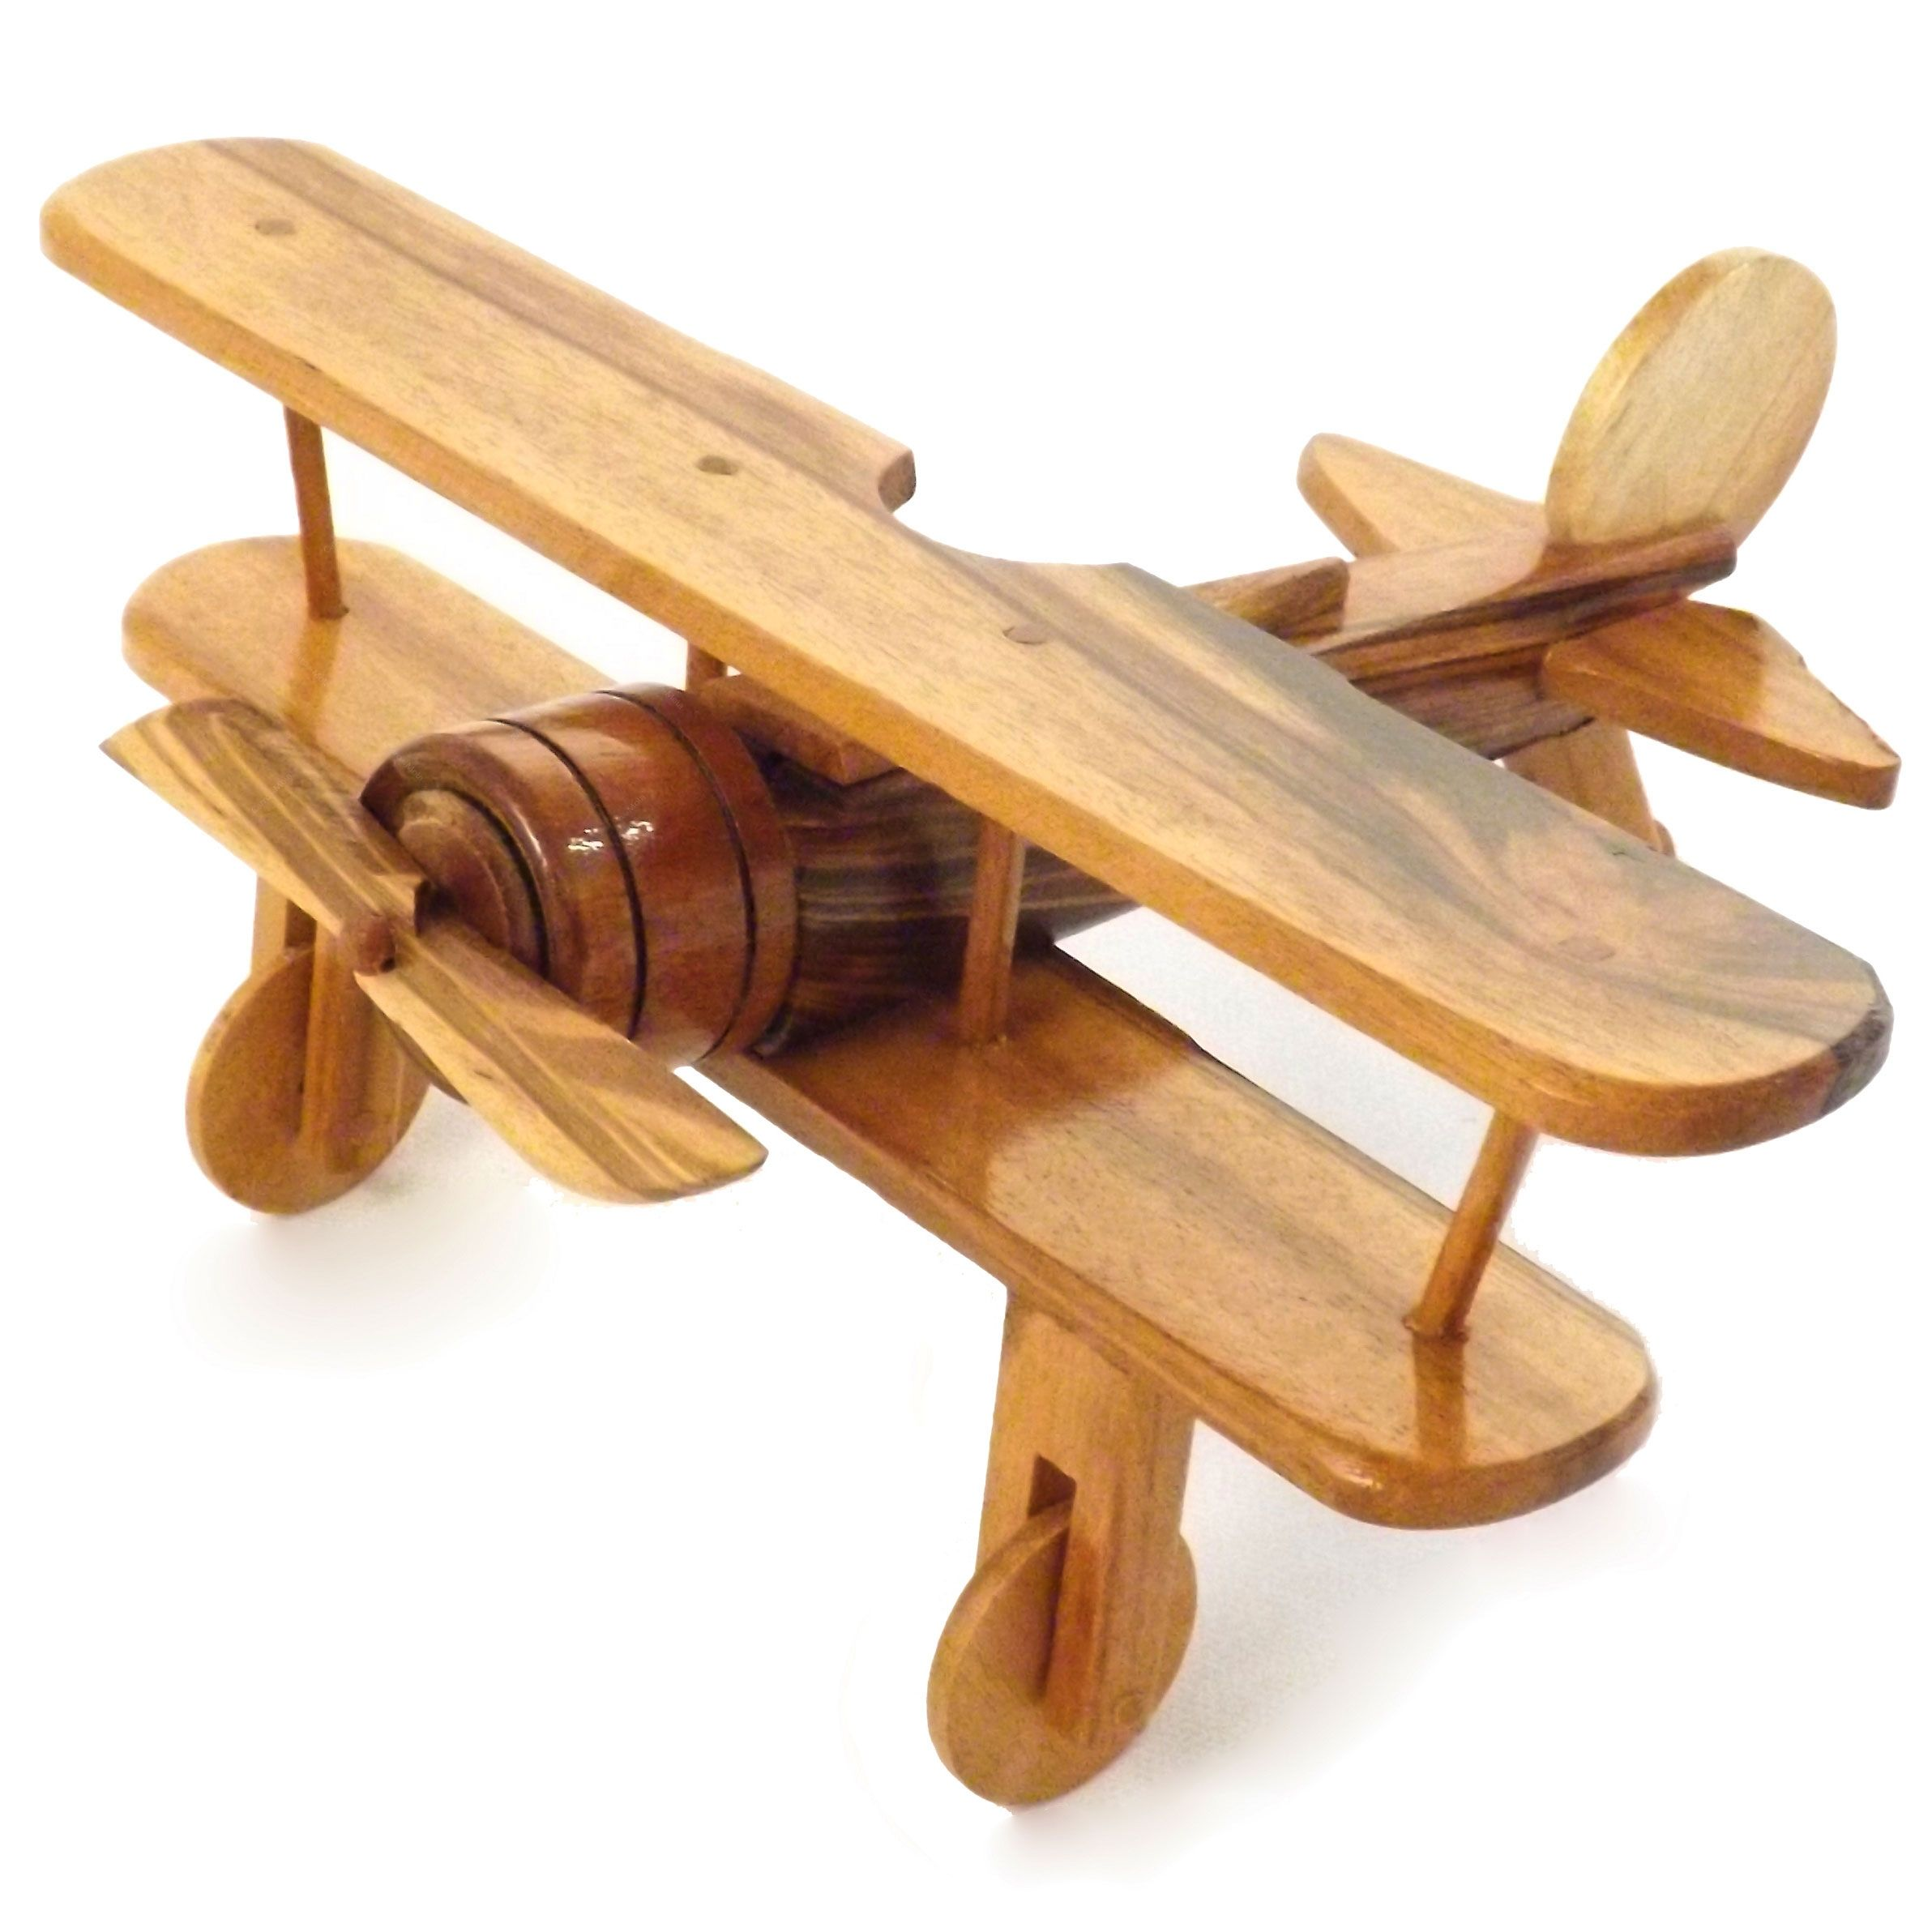 Adesivo Carenagem De Kart ~ Resultado de imagem para artesanato em madeira ARTESANATO Pinterest Wooden toys, Toy and